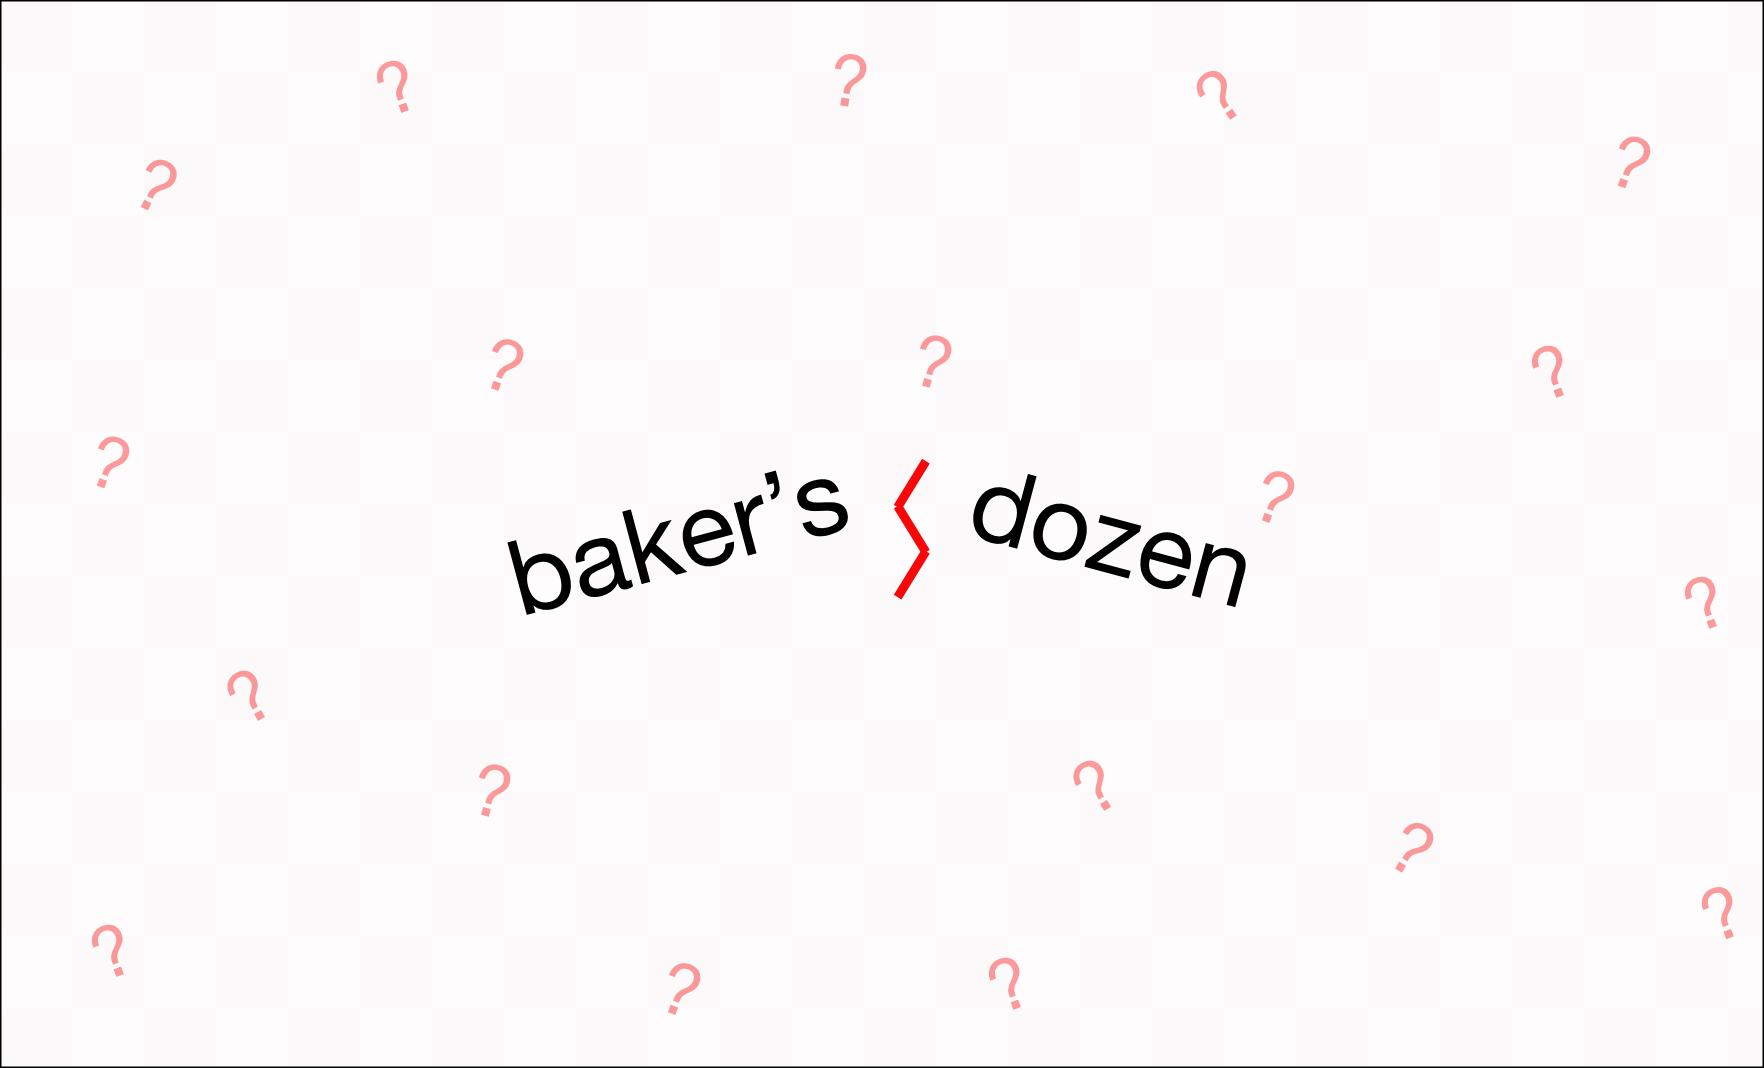 bakers_dozen.png